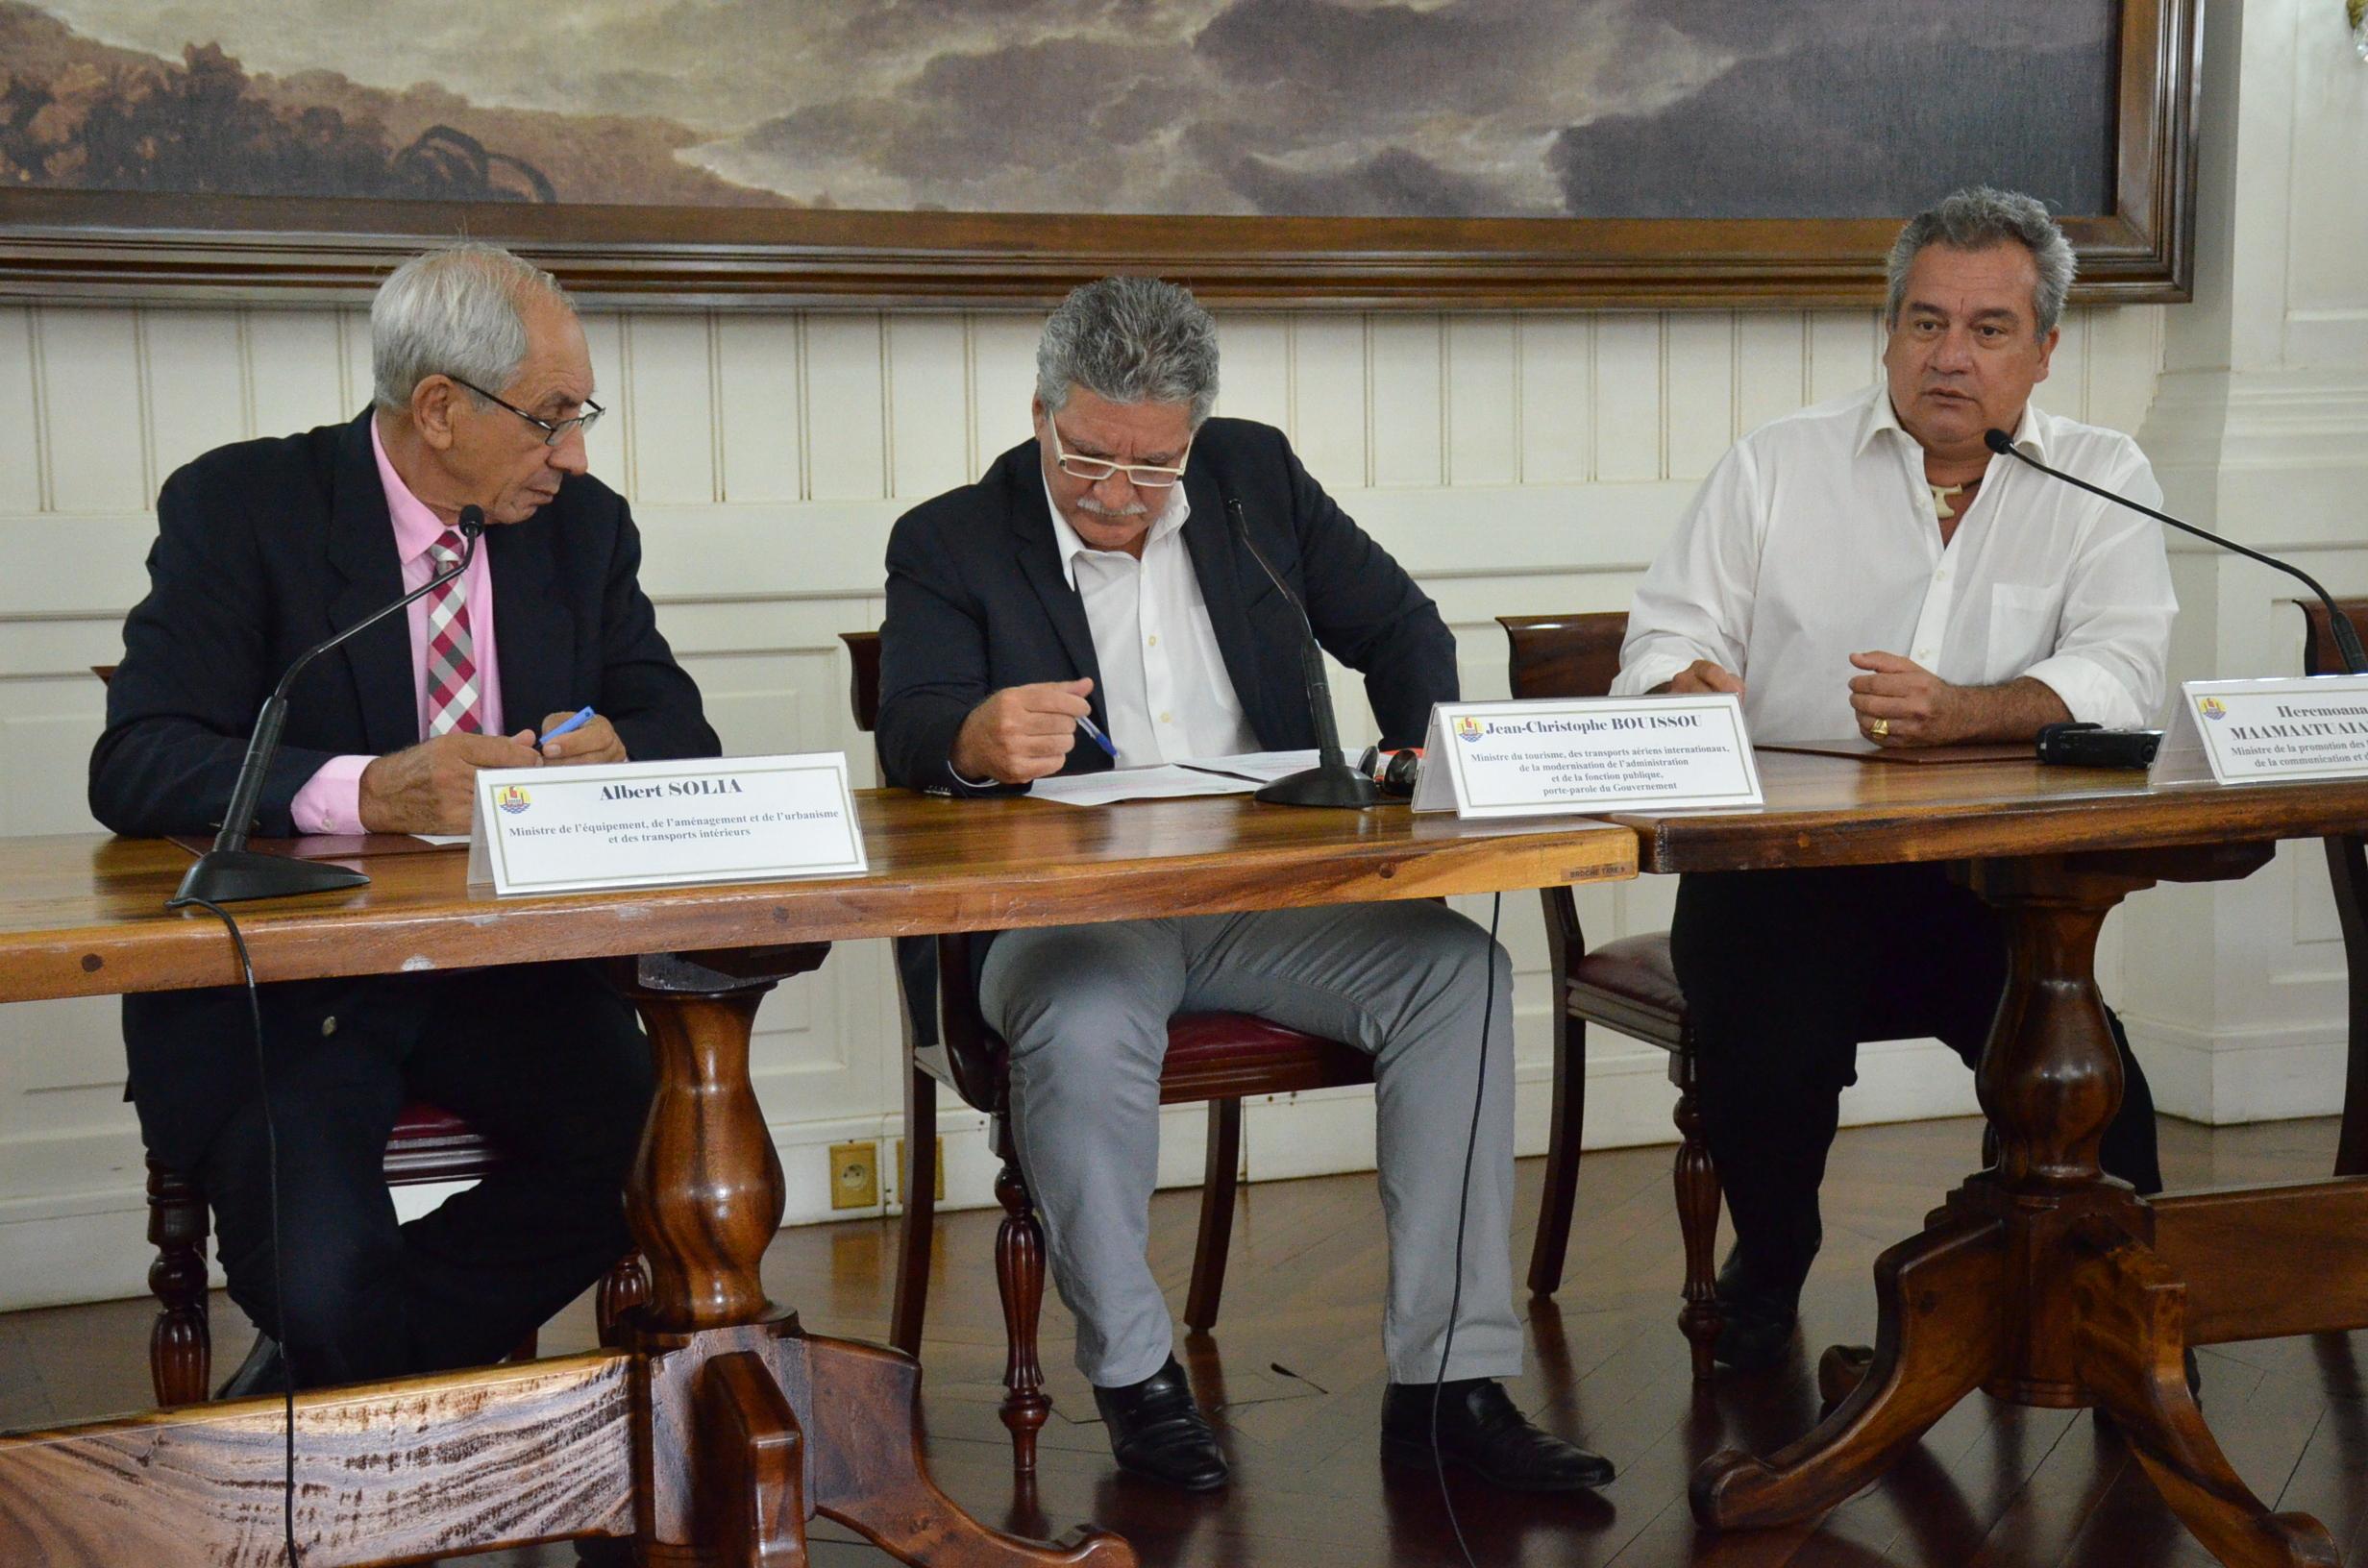 """Les ministres de l'Equipement et de l'Environnement ont confirmé la mise en place de comités de suivis communaux des travaux de curage et d'aménagement des rivières de l'île de Tahiti. Albert Solia annonce que les services de son ministère travaillent actuellement à la rédaction d'un """"code de bonne conduite"""" à l'attention des professionnels."""